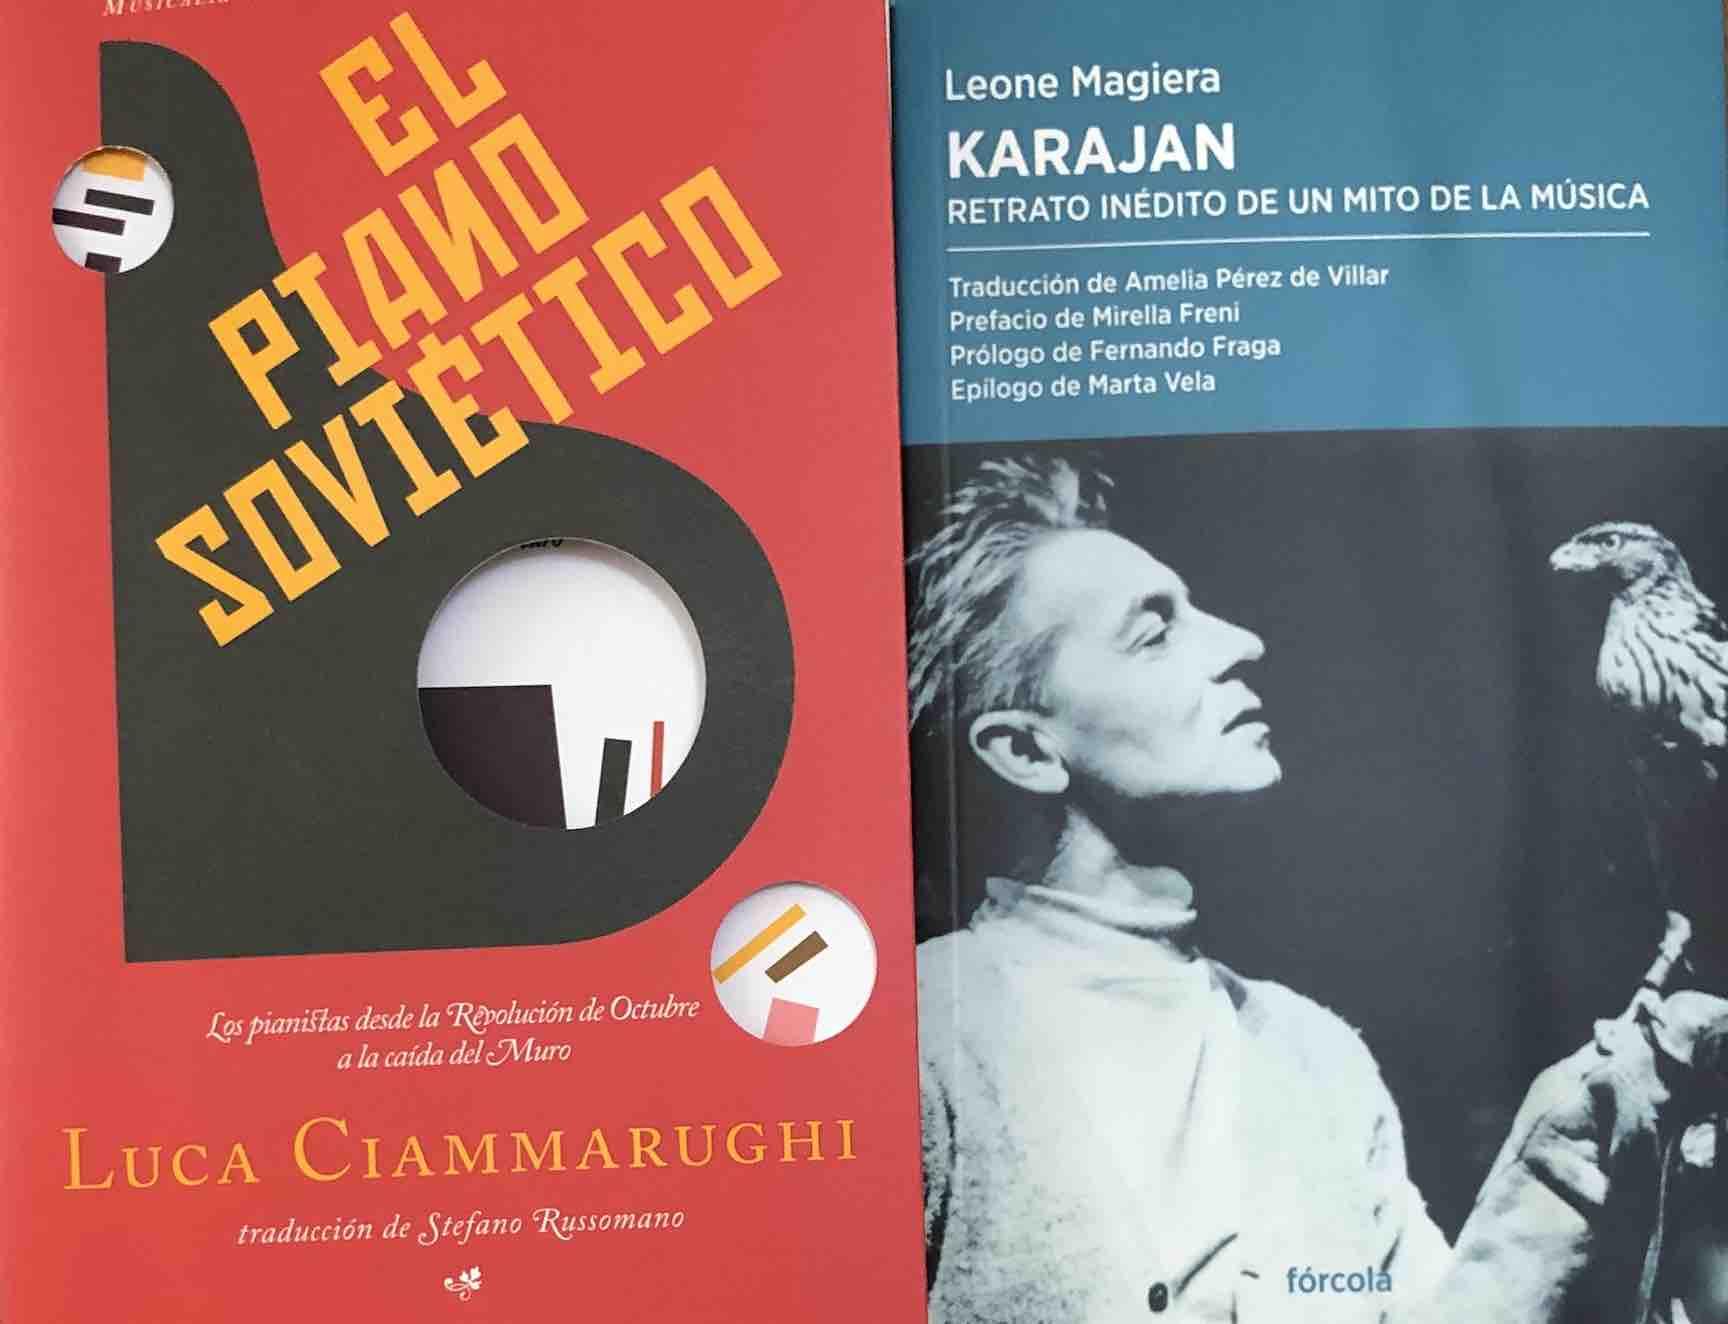 Libros musicales para la pandemia